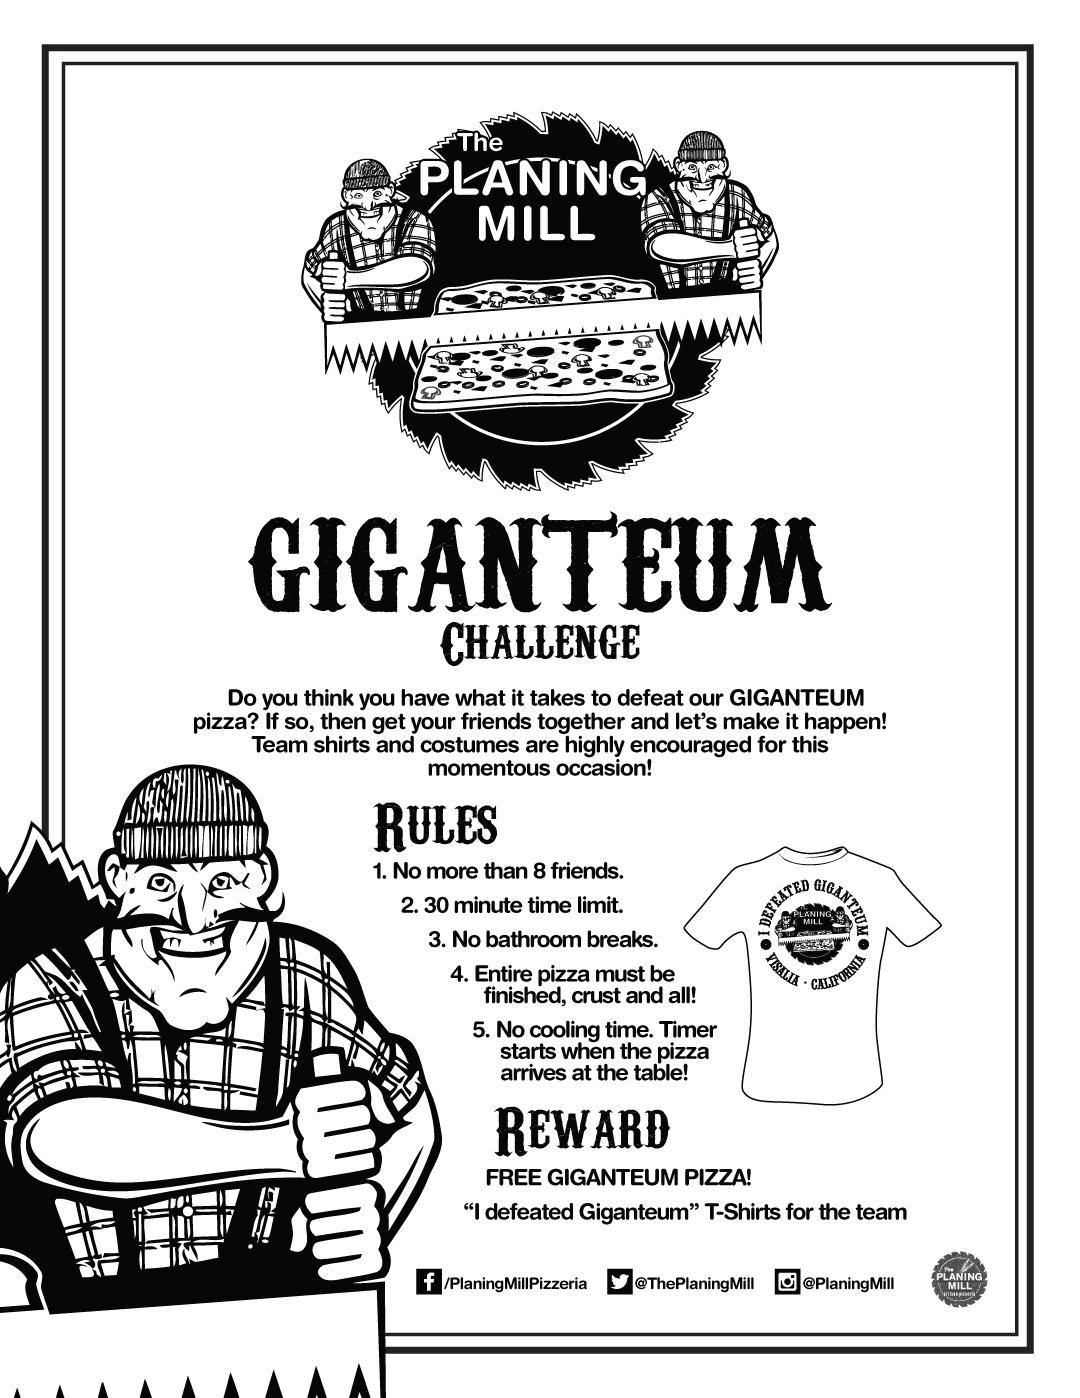 Giganteum